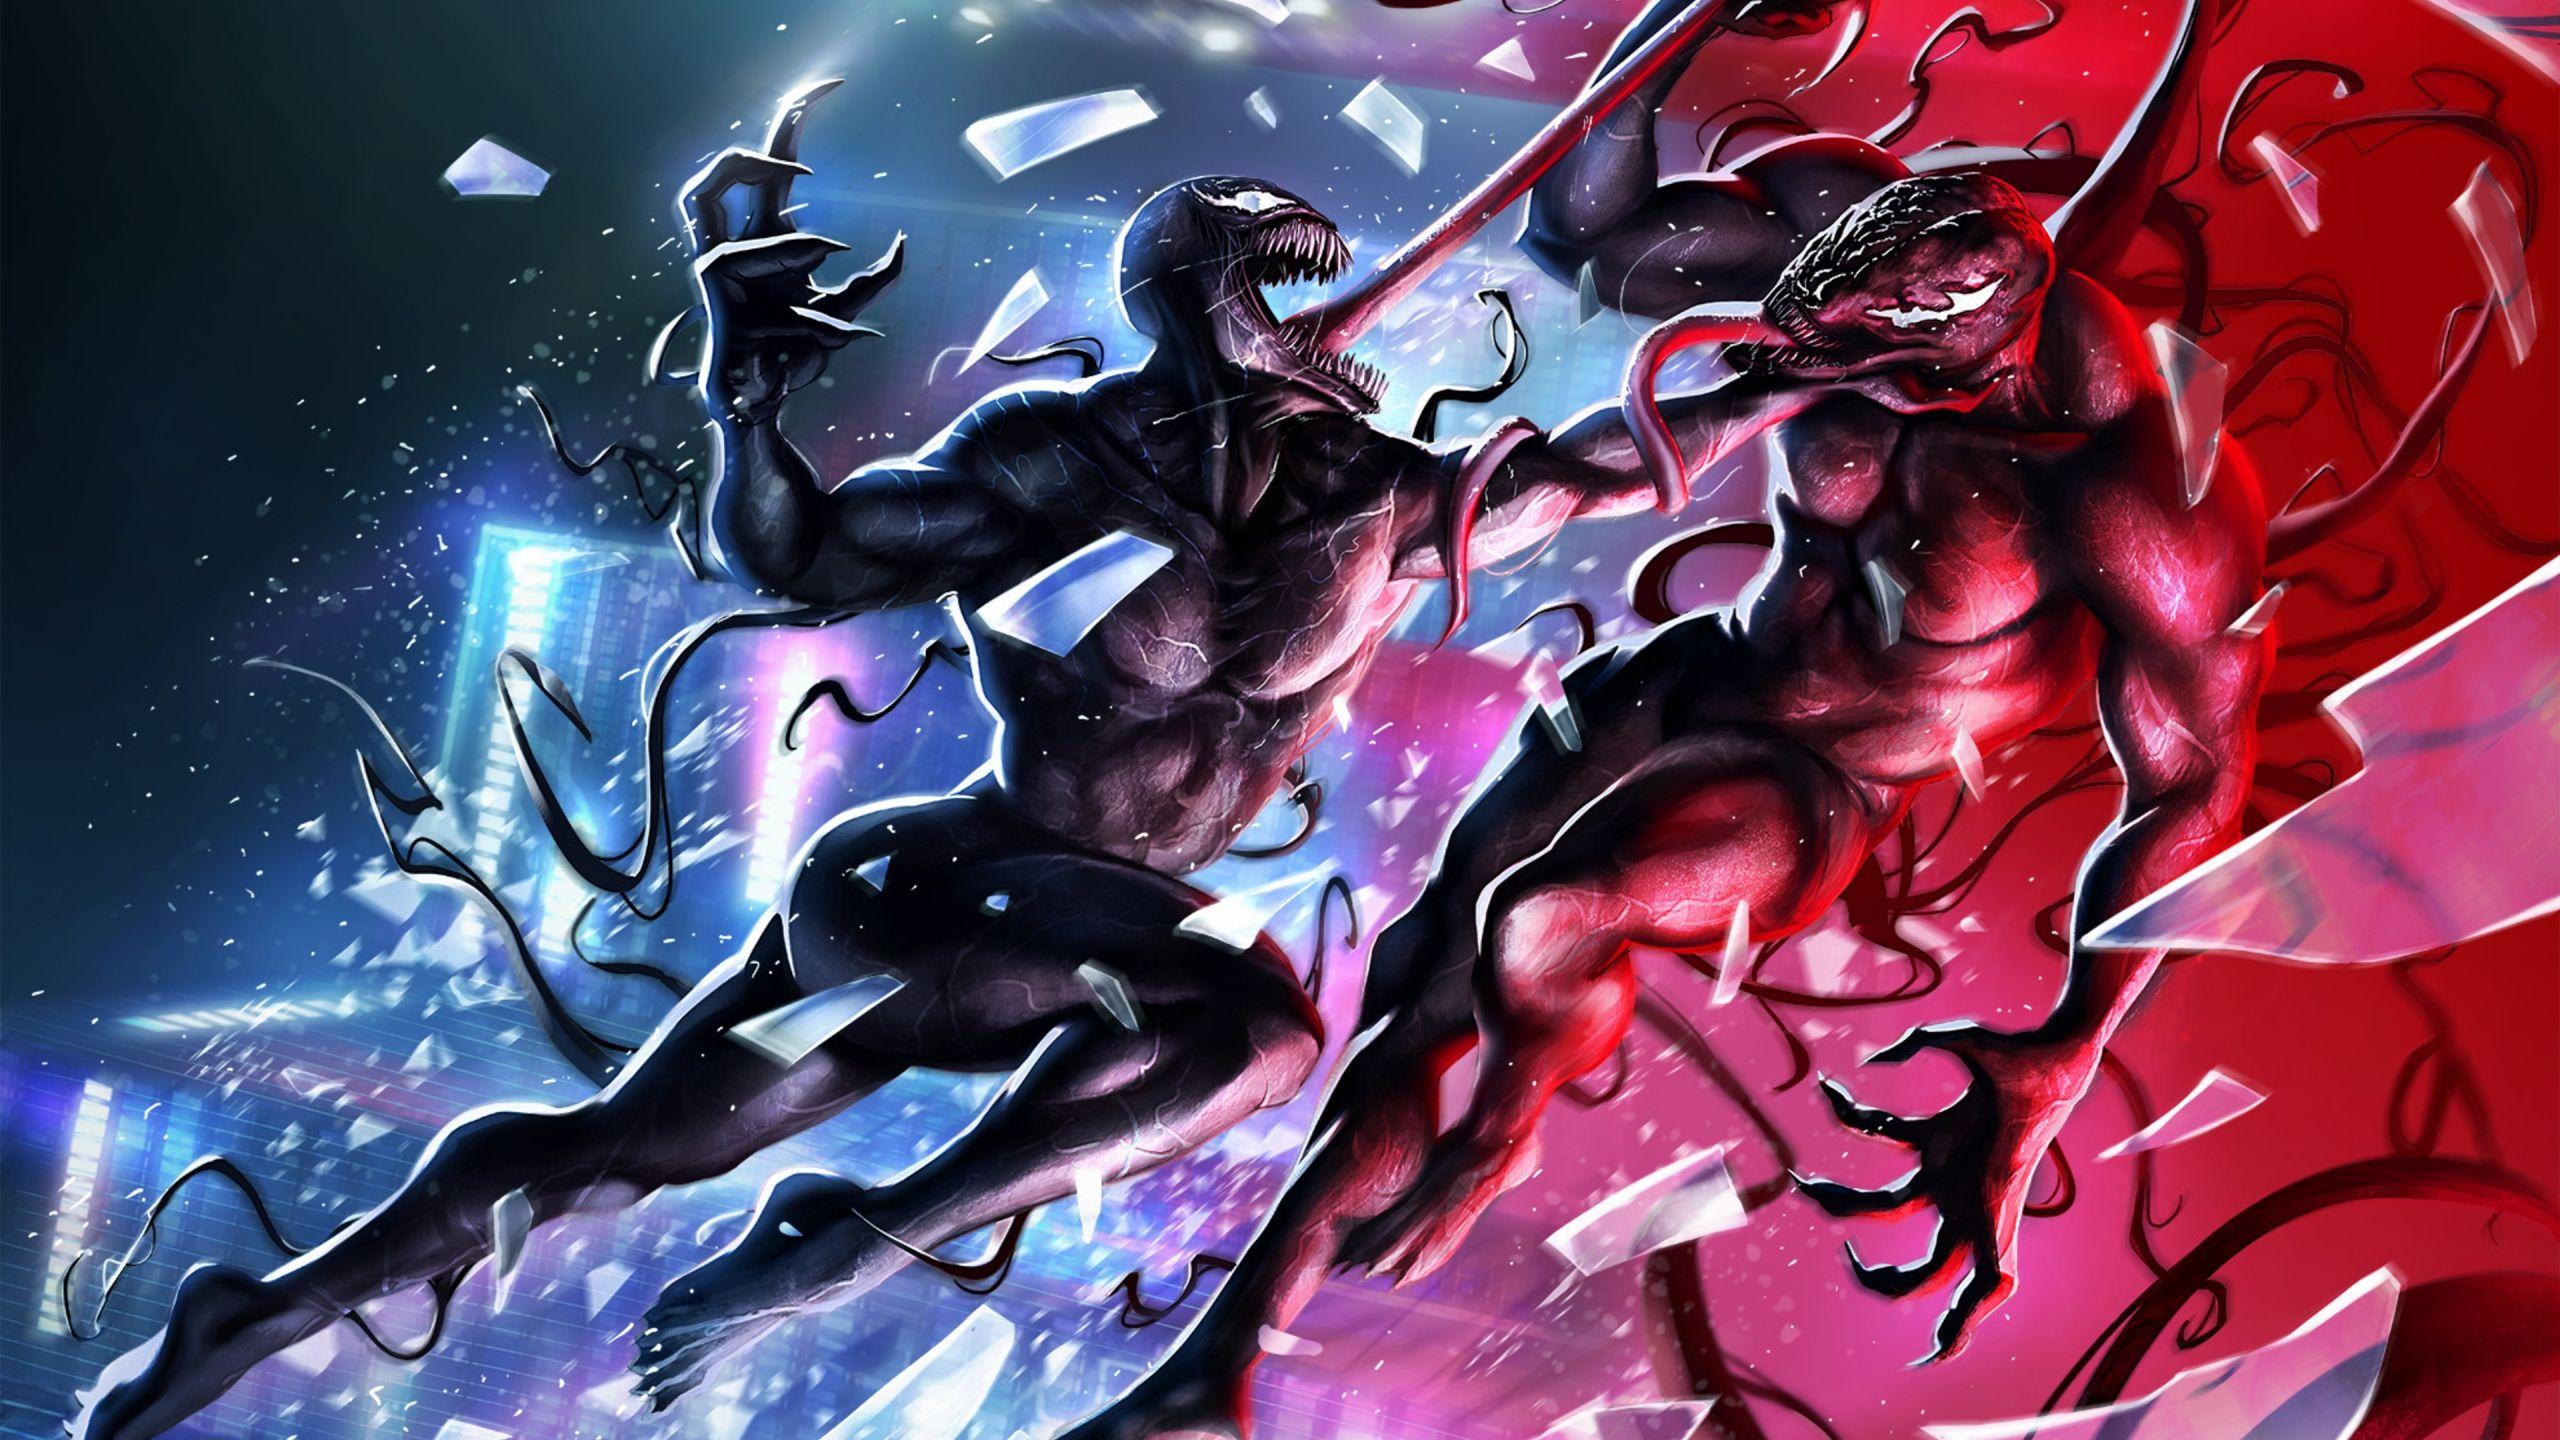 Venom Vs Riot Wallpapers Wallpaper Cave